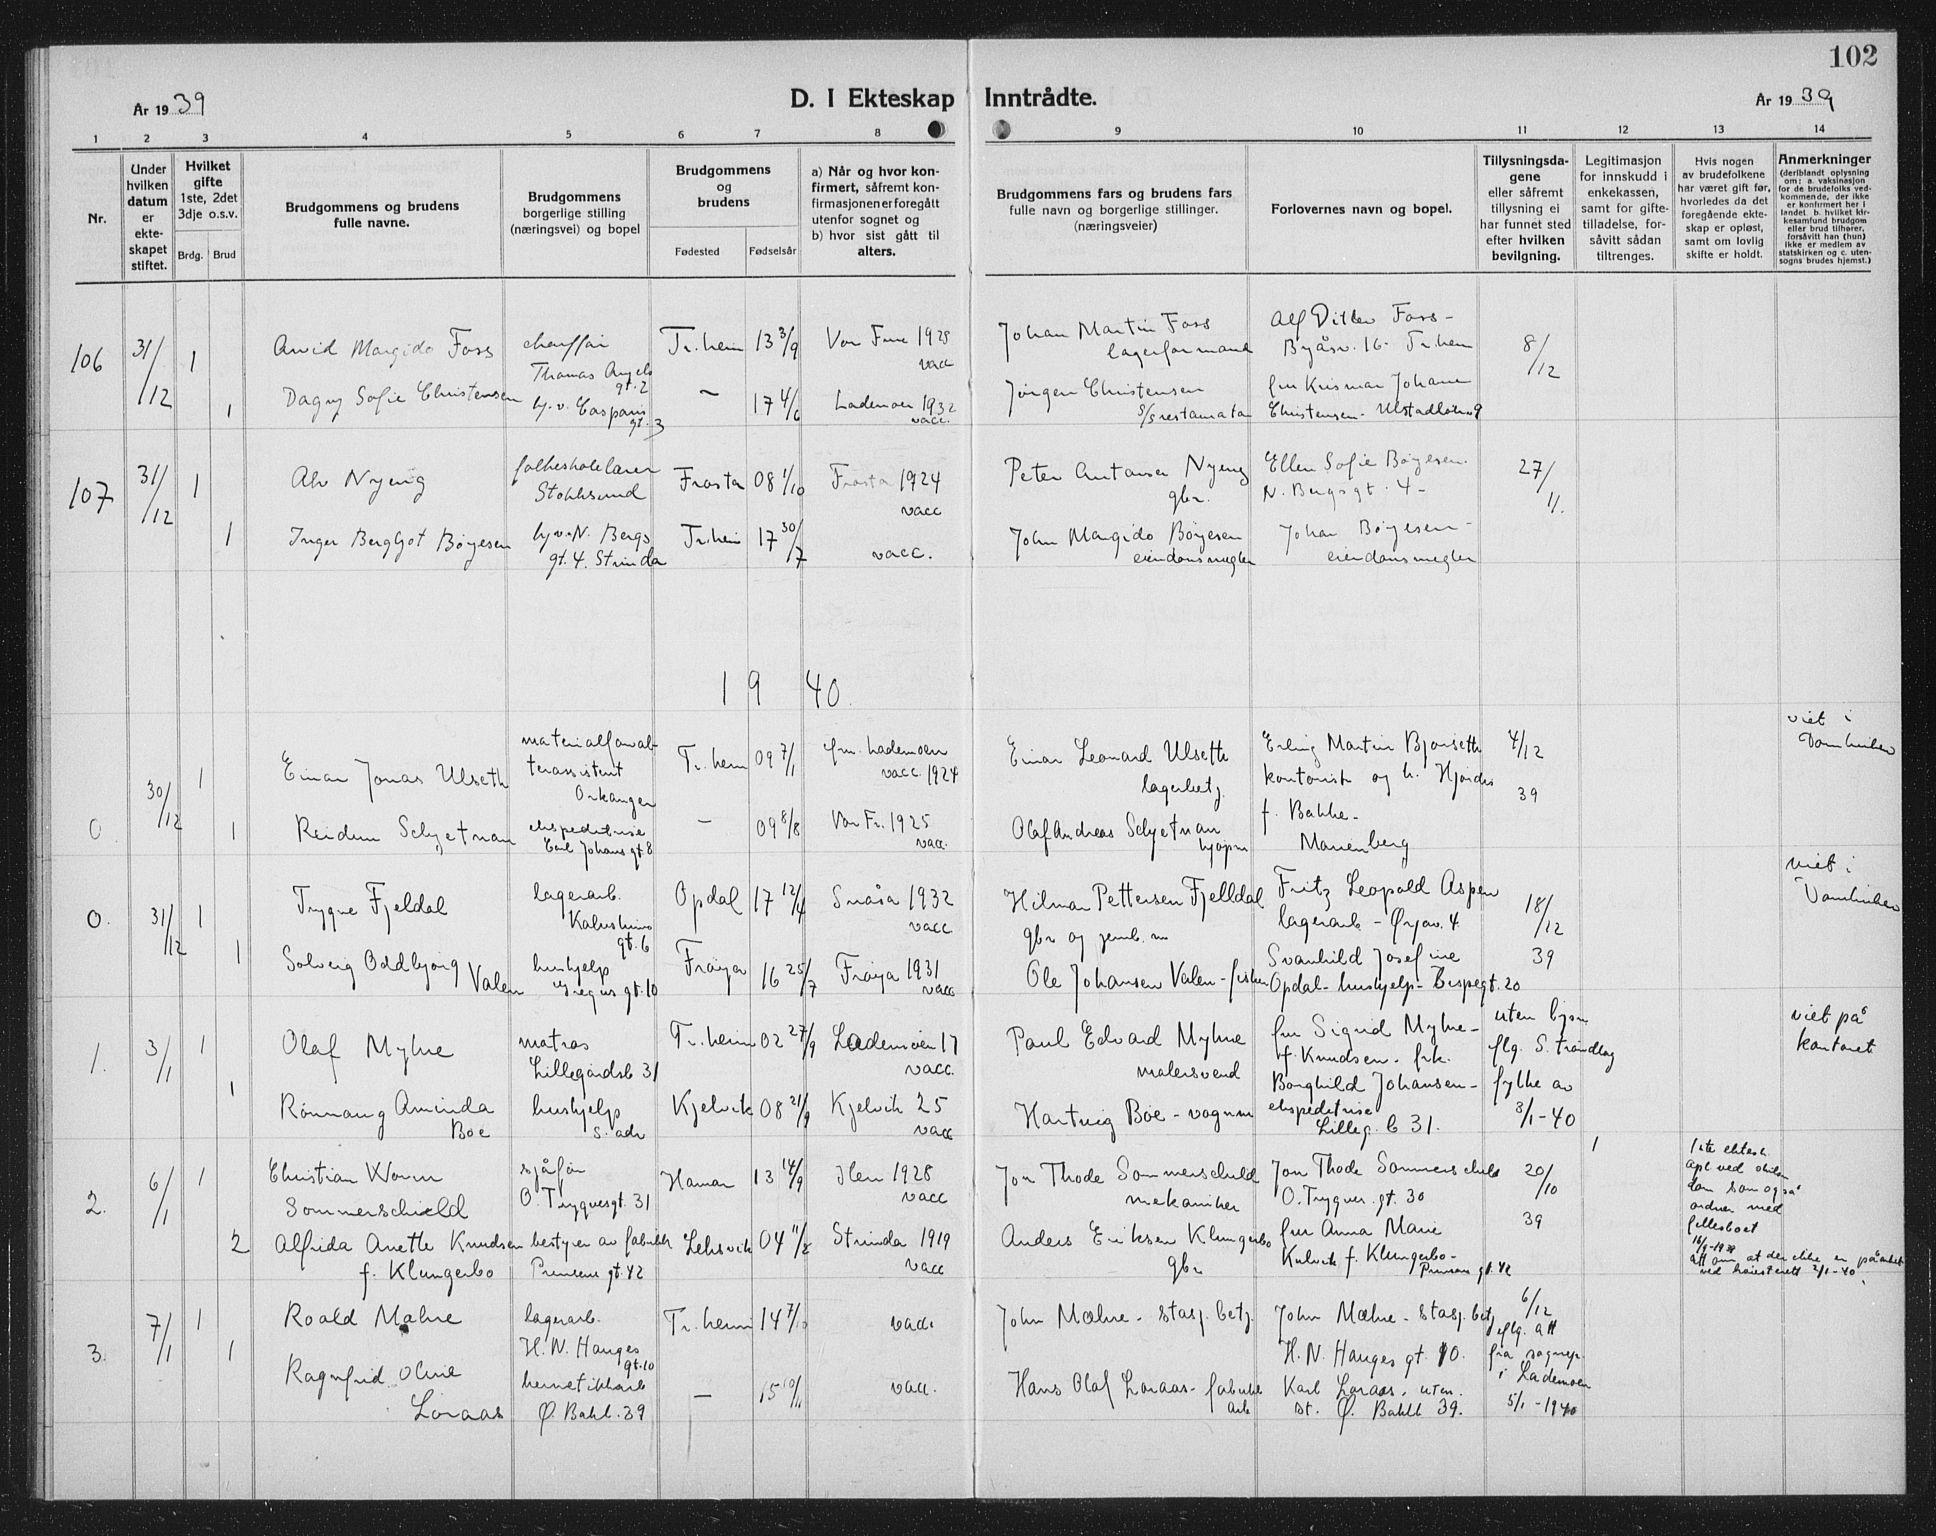 SAT, Ministerialprotokoller, klokkerbøker og fødselsregistre - Sør-Trøndelag, 602/L0152: Klokkerbok nr. 602C20, 1933-1940, s. 102